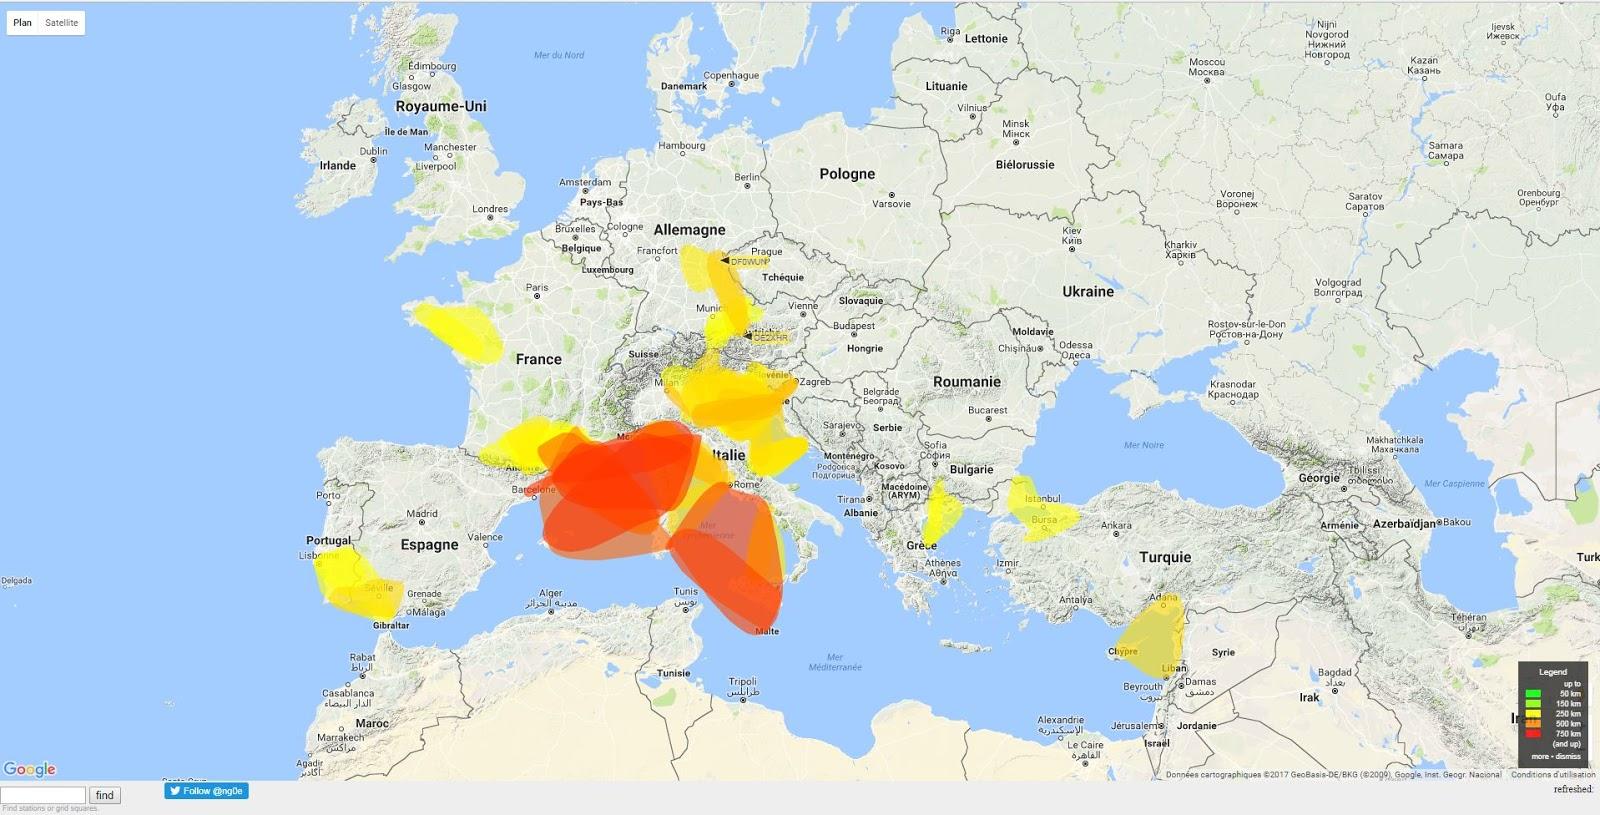 La carte montre la propagation de l'horreur du coronavirus alors que d'autres décès sont confirmés